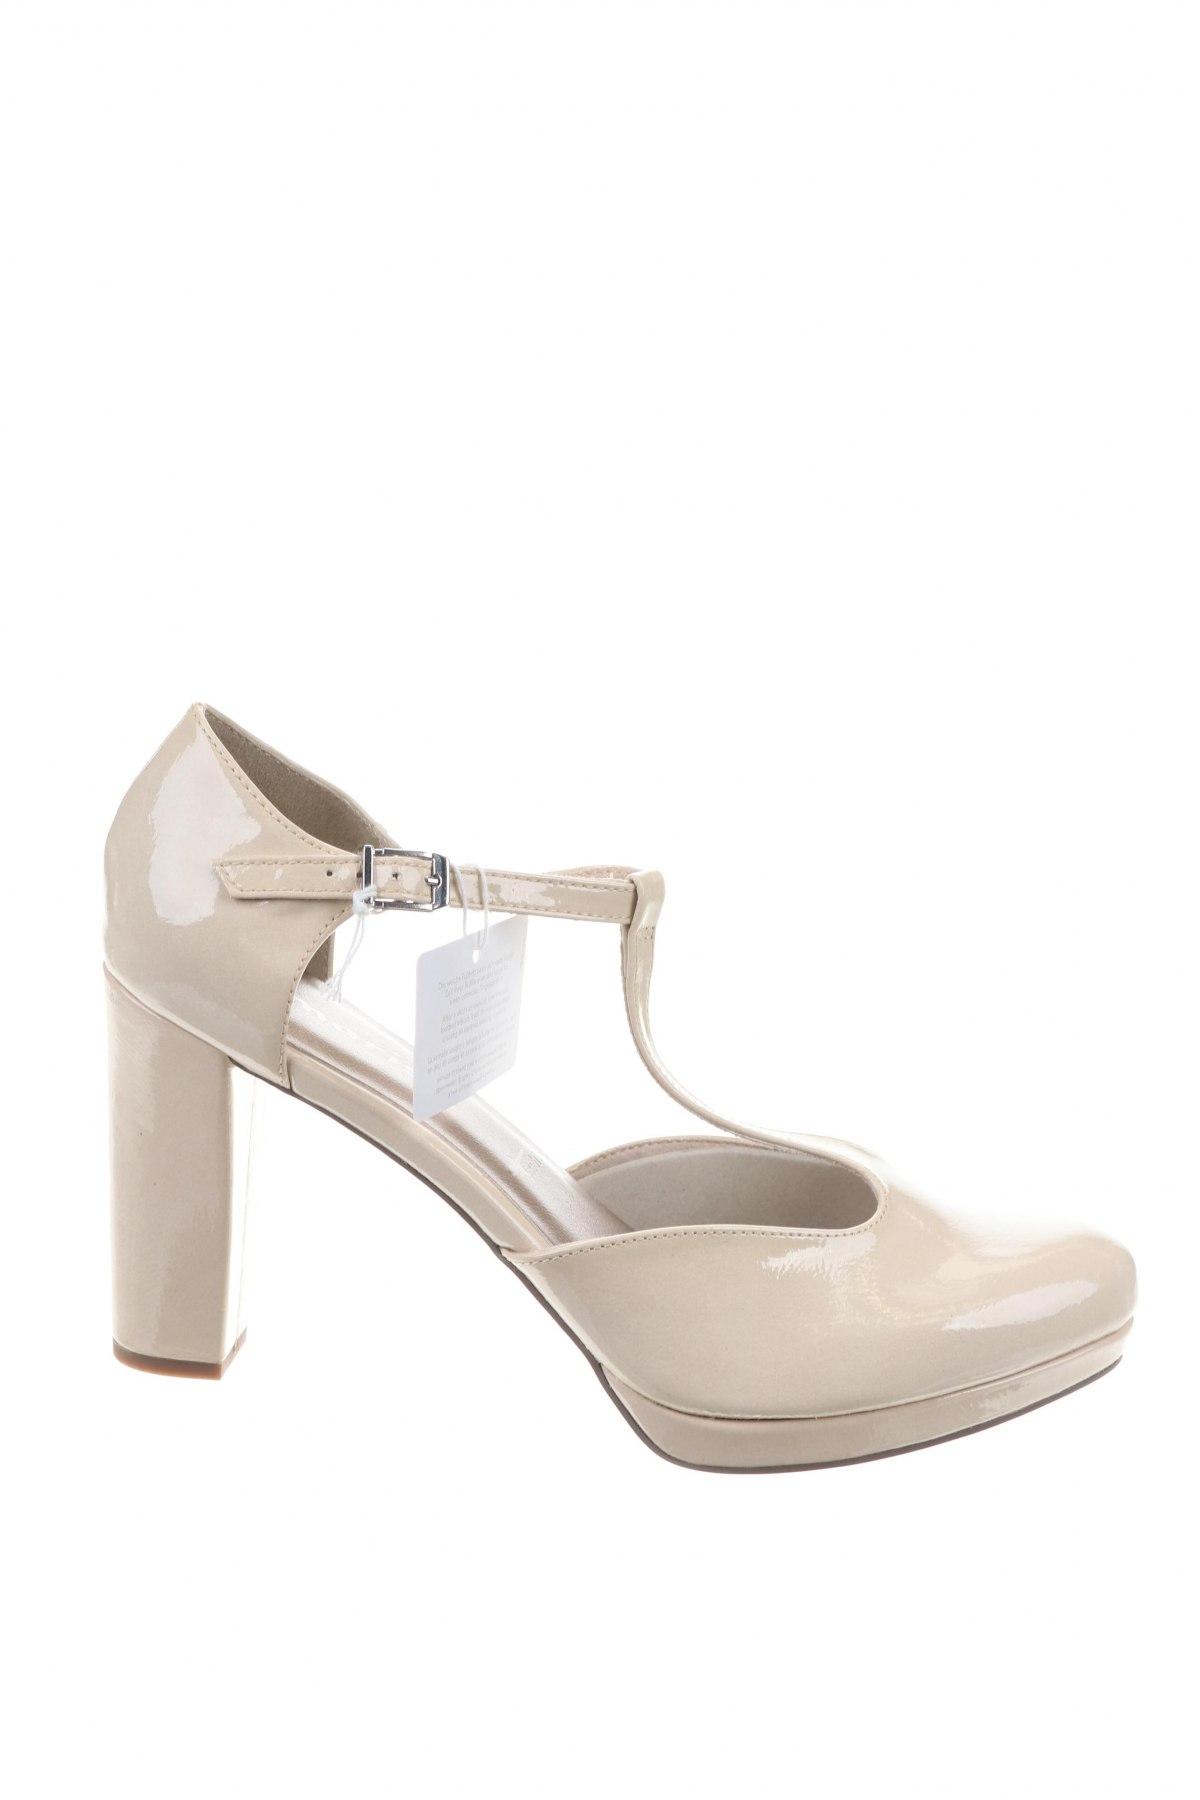 Γυναικεία παπούτσια Tamaris, Μέγεθος 42, Χρώμα  Μπέζ, Δερματίνη, Τιμή 17,43€